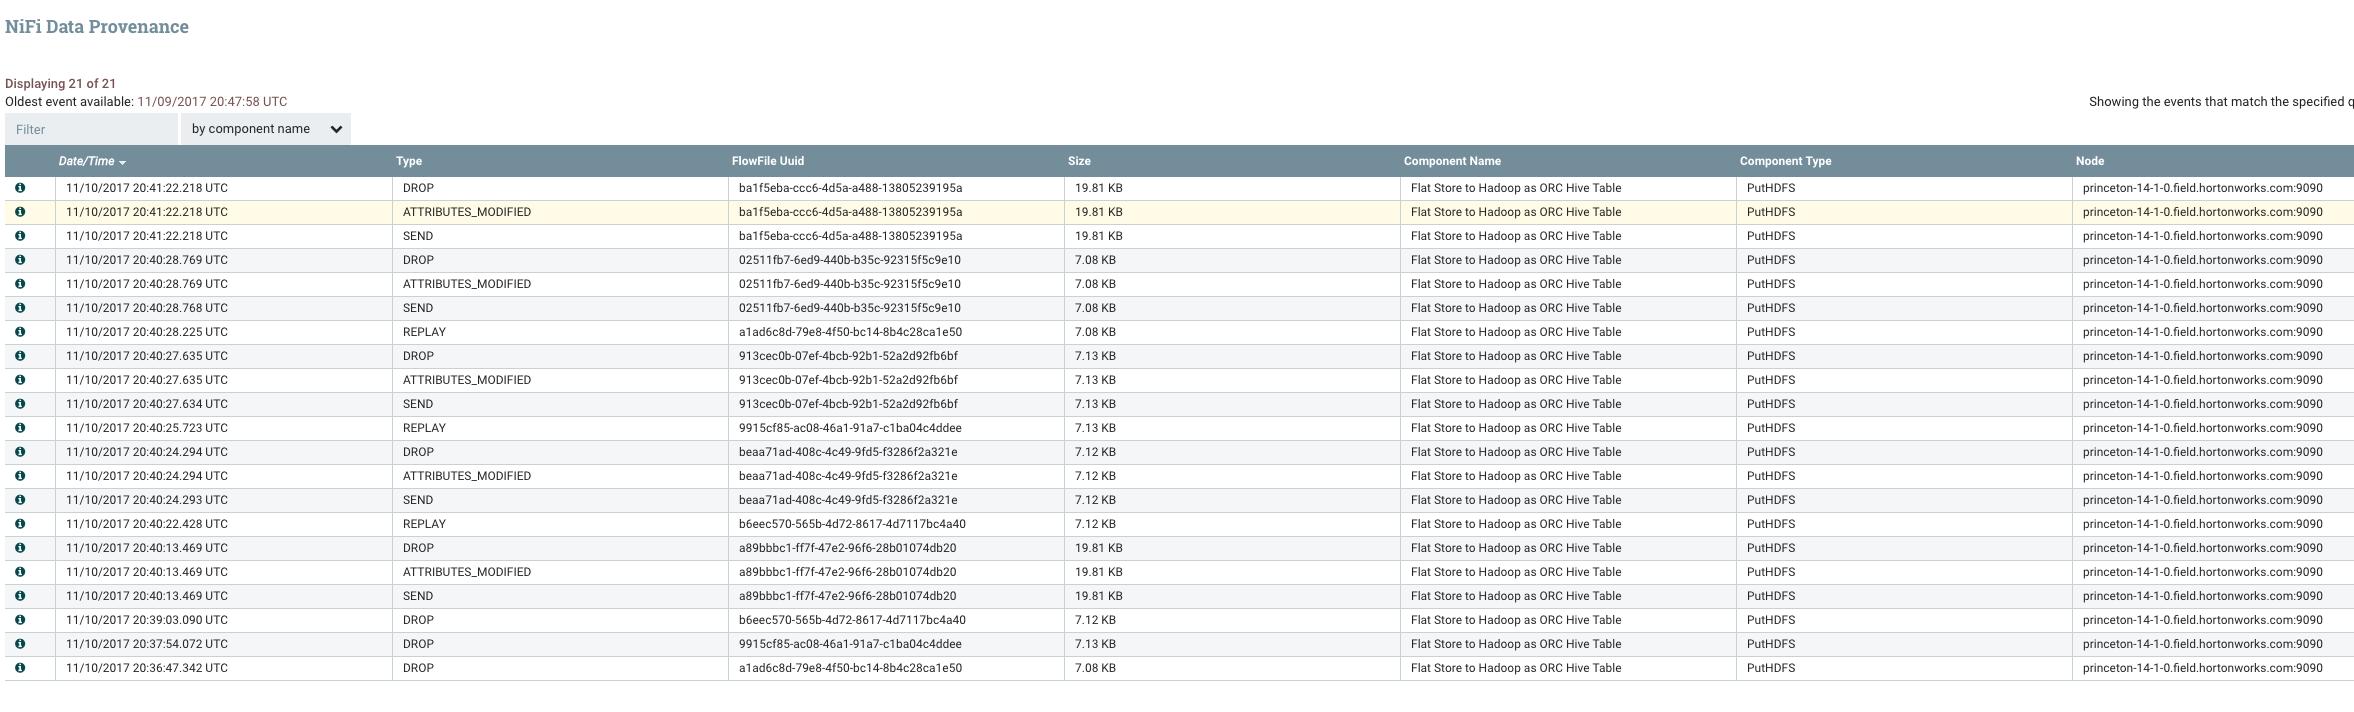 Edge Analytics with NVidia Jetson TX1 Running Apac